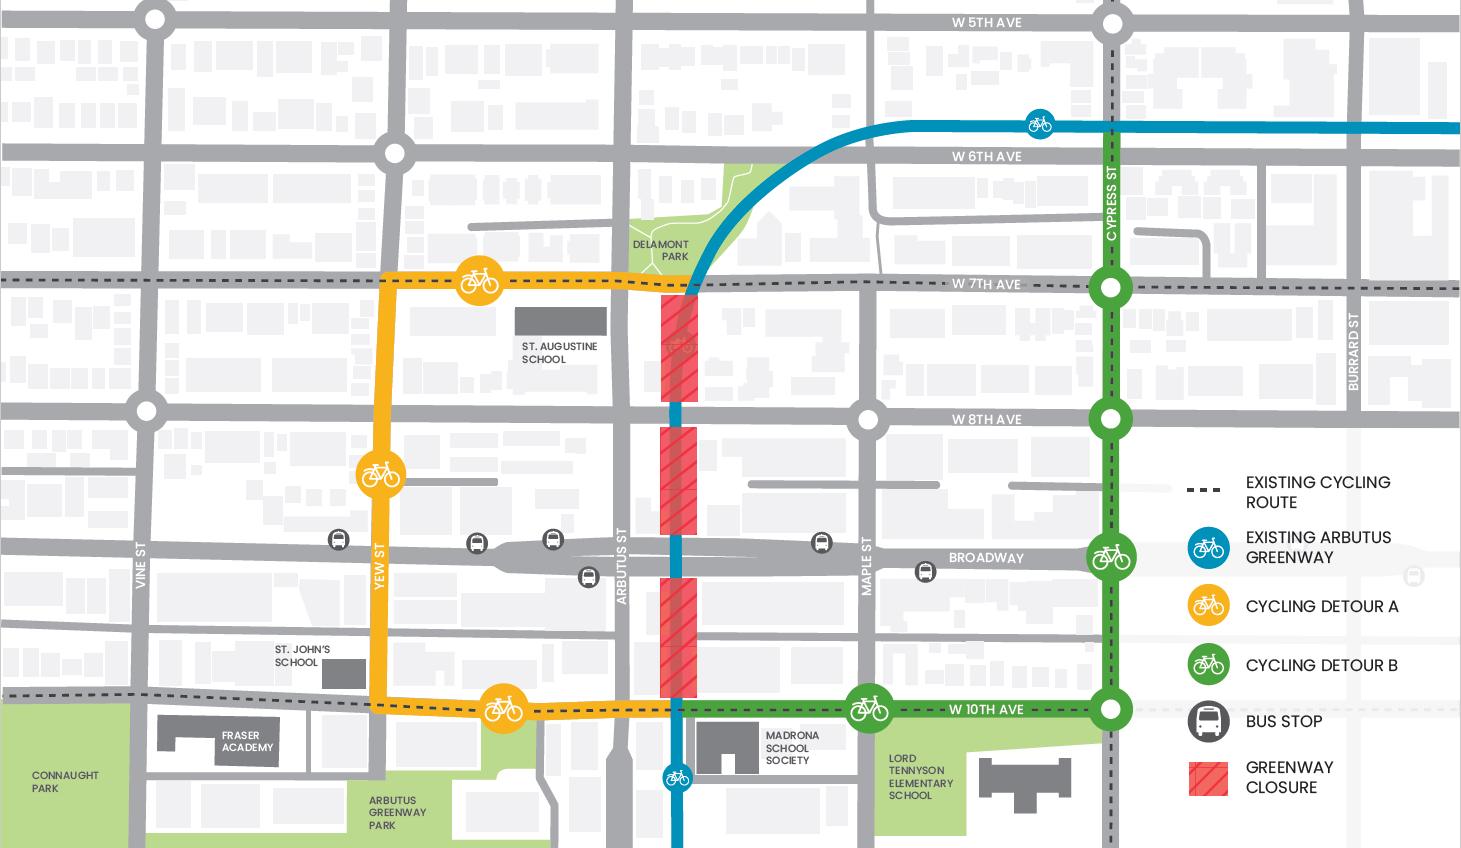 arbutus greenway broadway subway detour